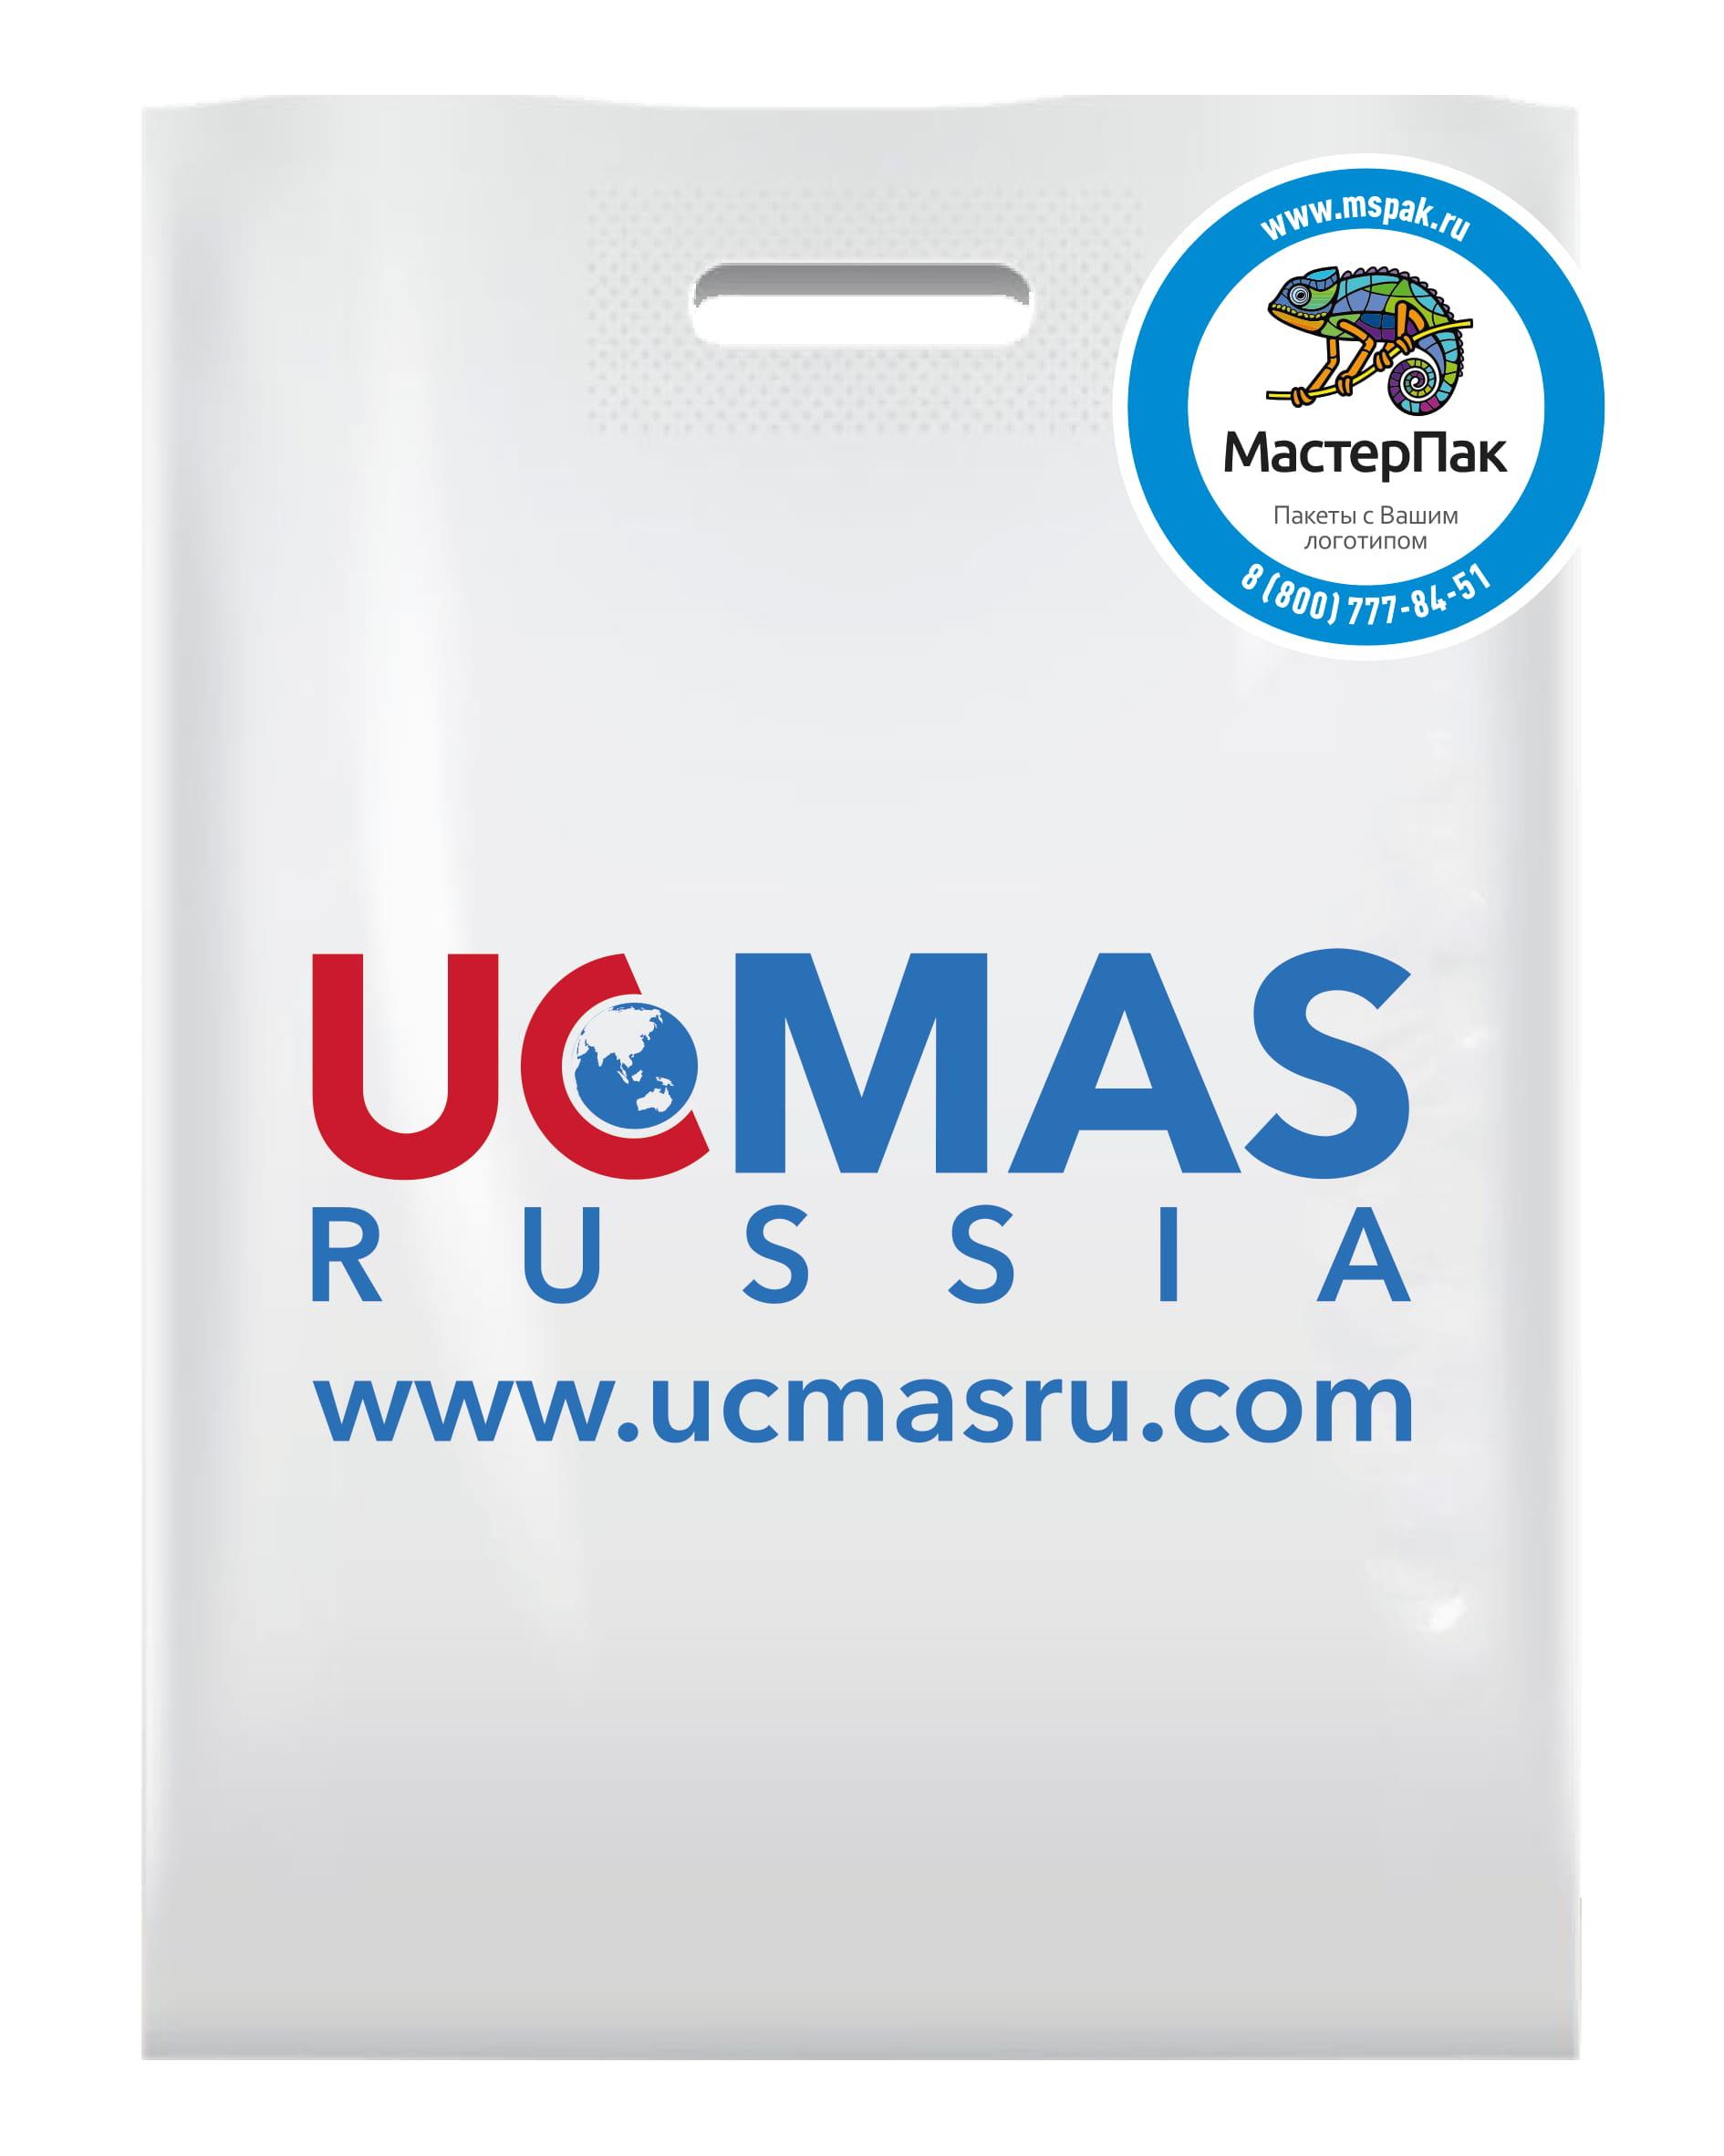 Пакет ПВД с вырубной ручной и логотипом Ucmas, Москва